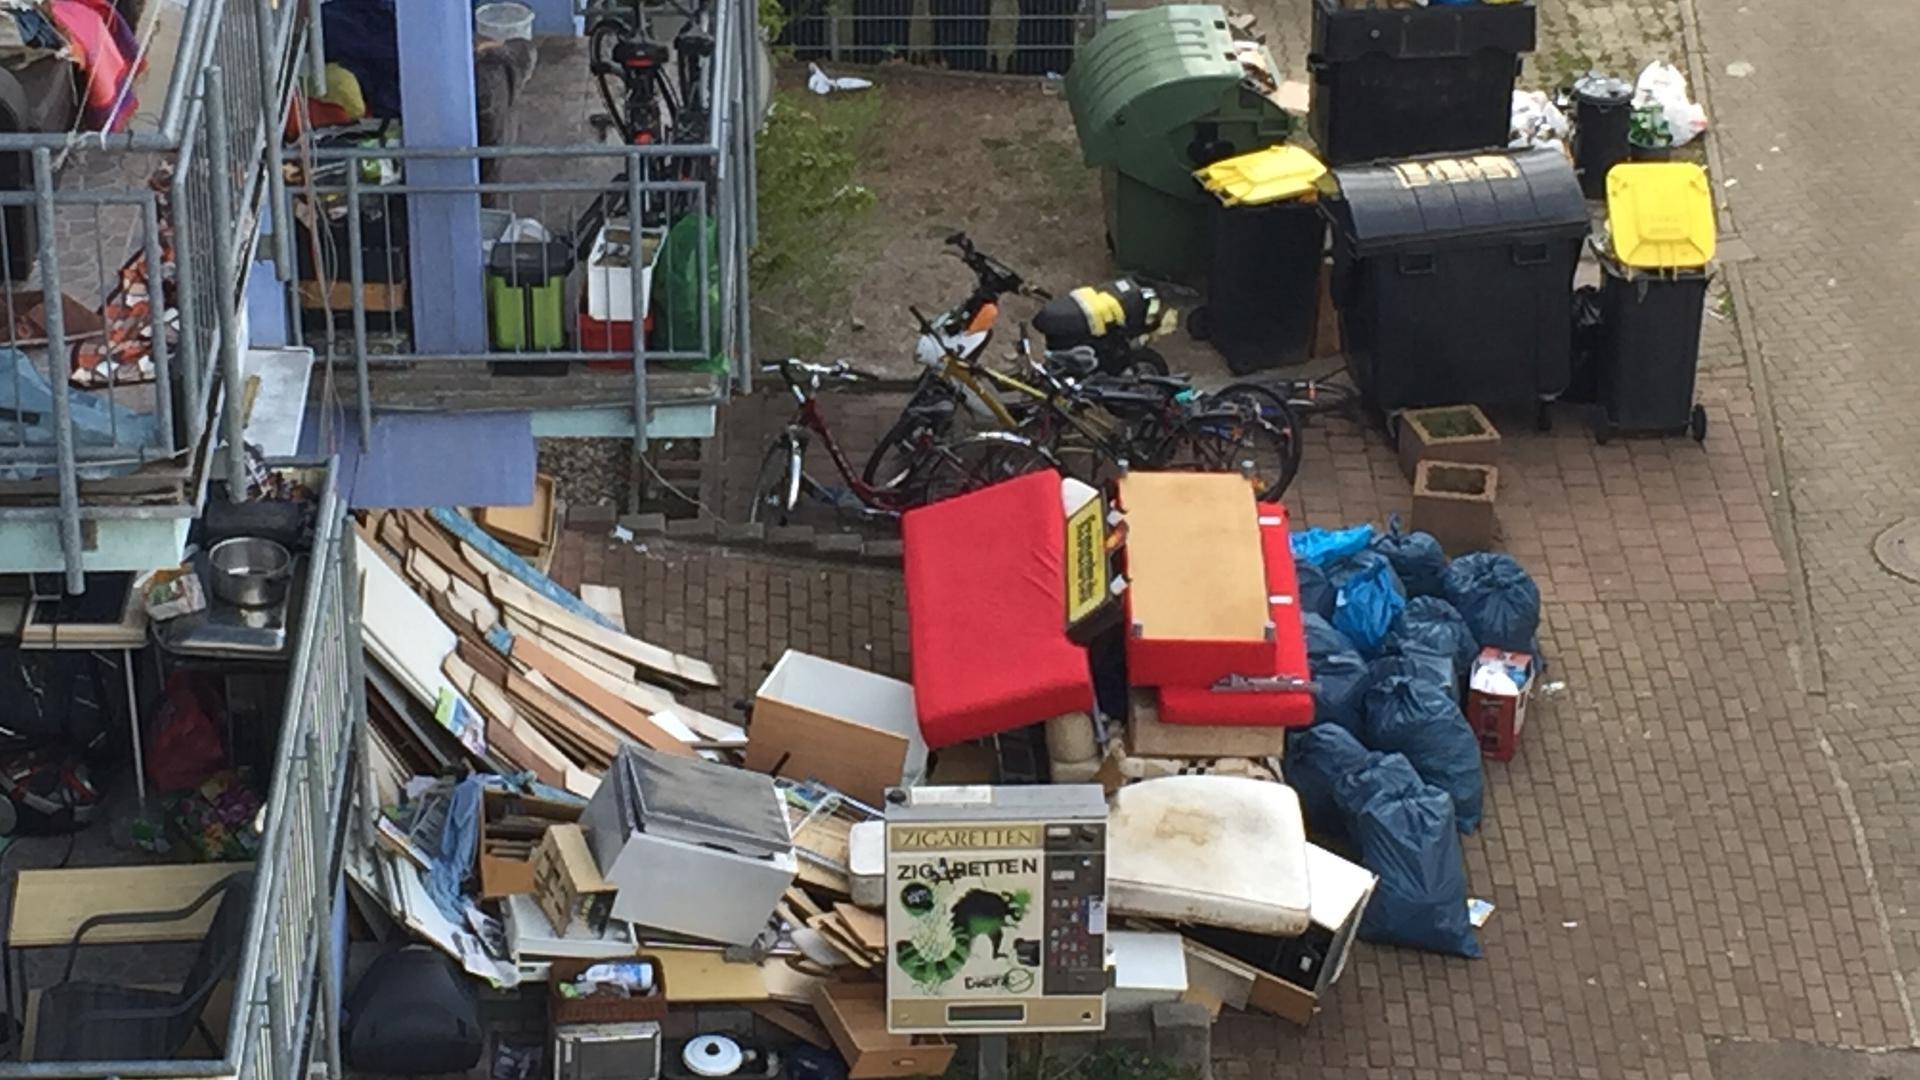 Abfall, Mülltonnen, Fahrräder